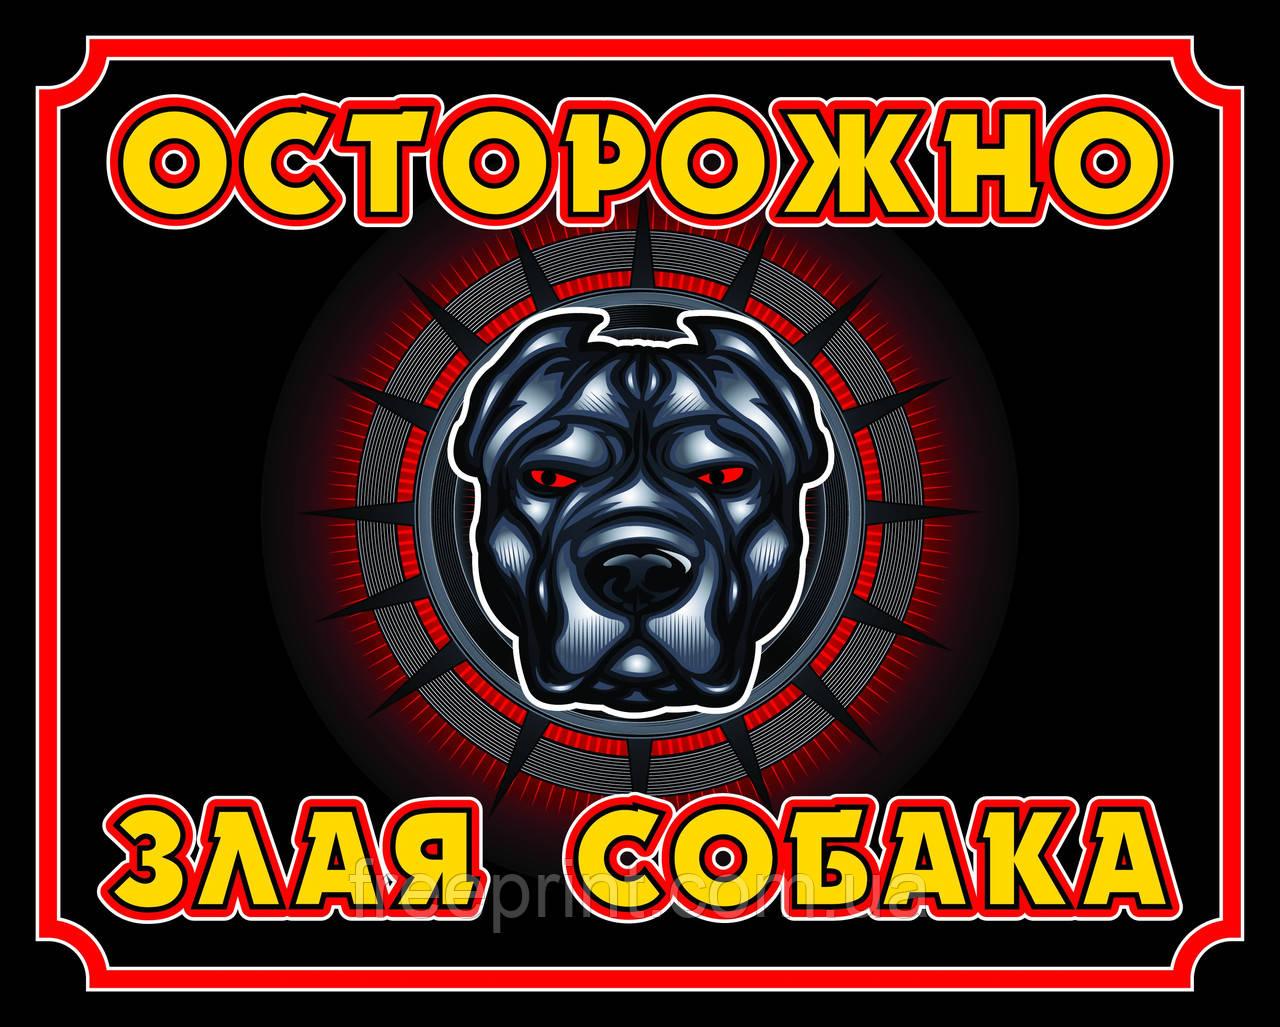 Табличка собака черная, осторожно собака. Печать по предоплате